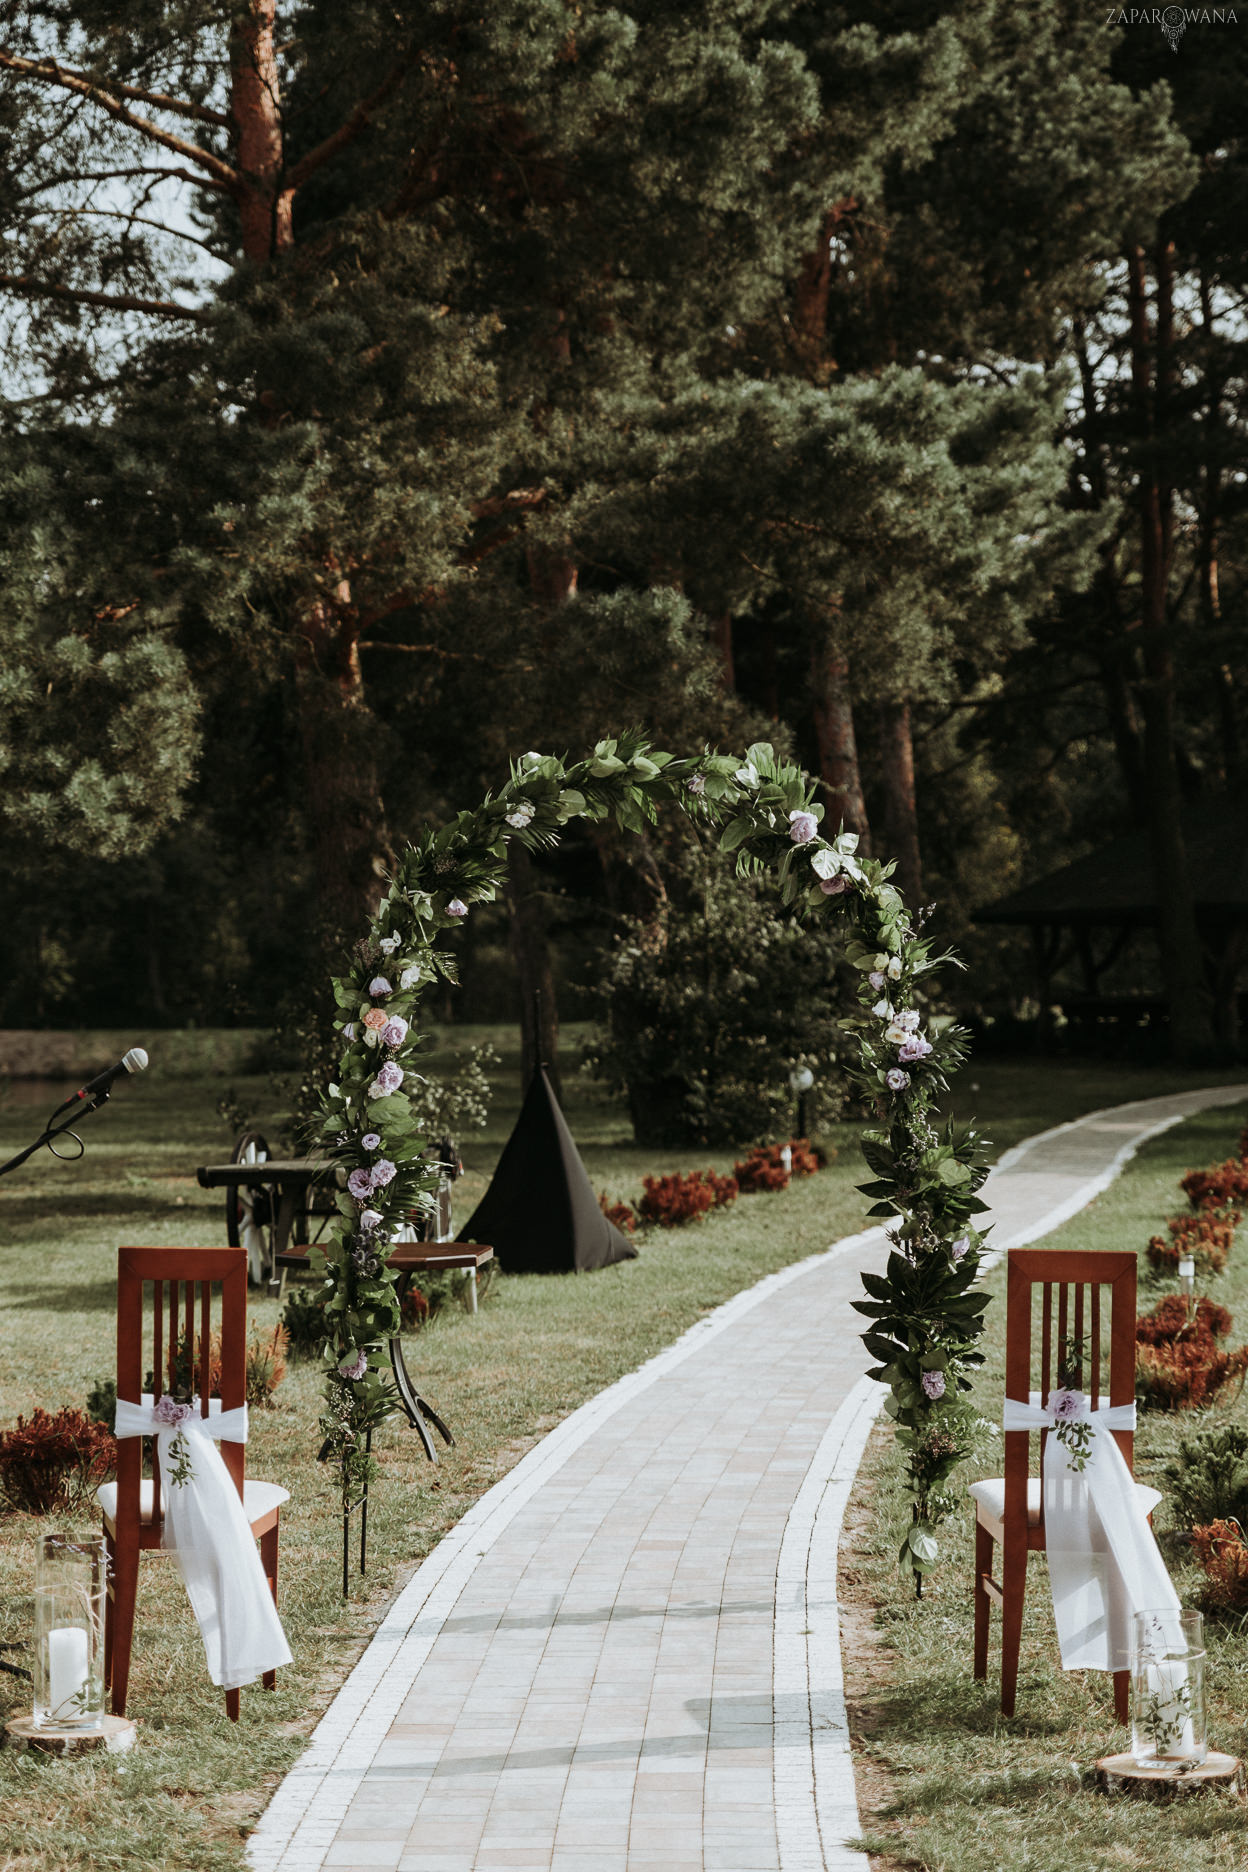 006 - ZAPAROWANA - Ślub A-A